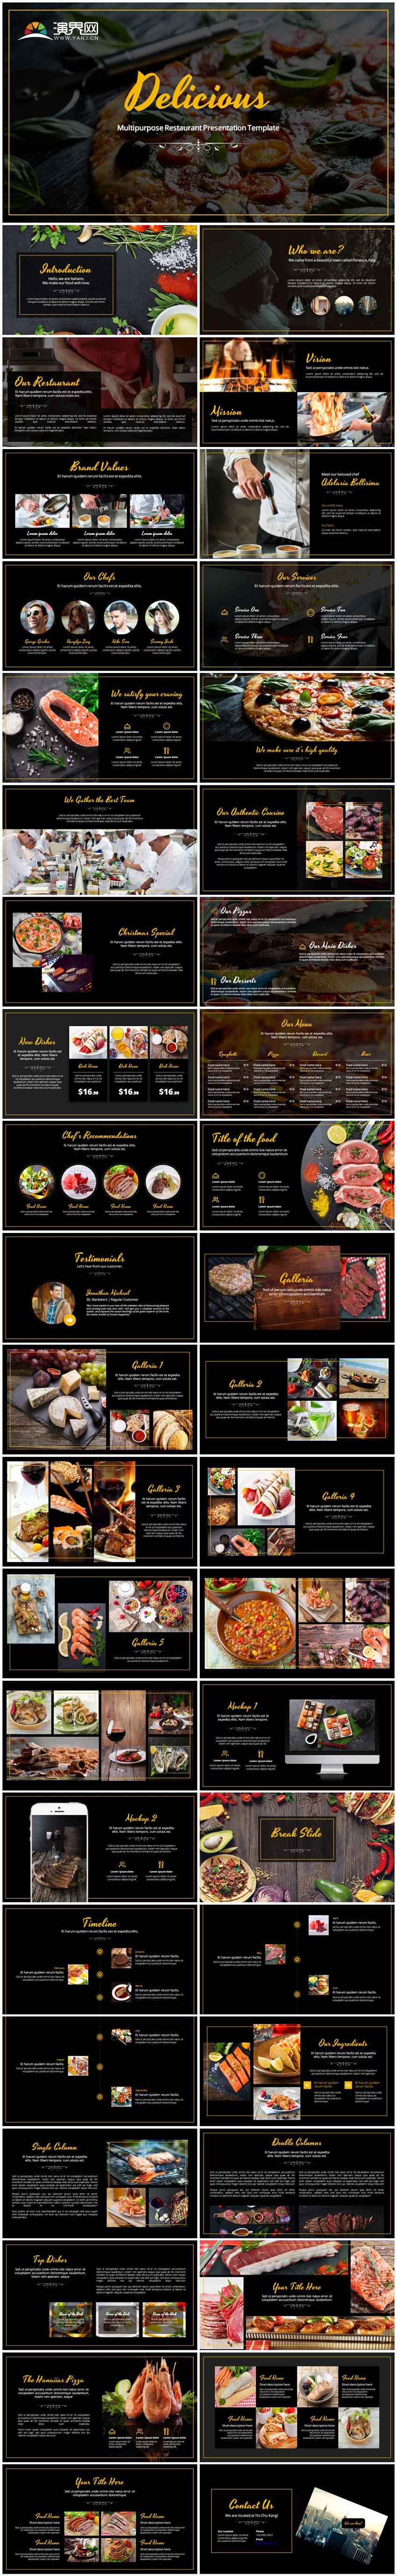 创意美食介绍餐饮行业餐厅宣传PPT模板